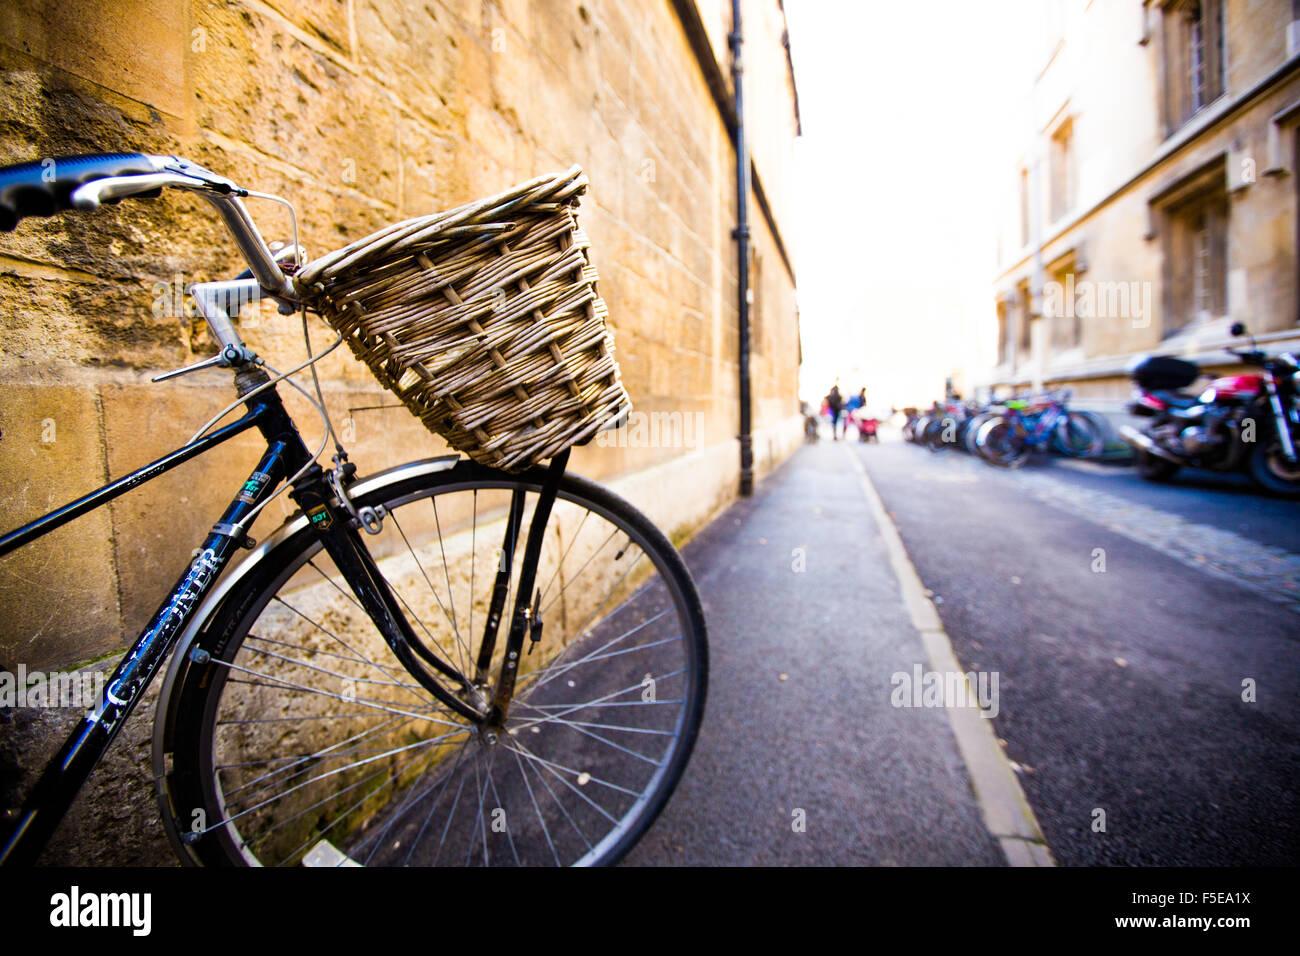 Bicicletta, Oxford, Oxfordshire, England, Regno Unito, Europa Immagini Stock